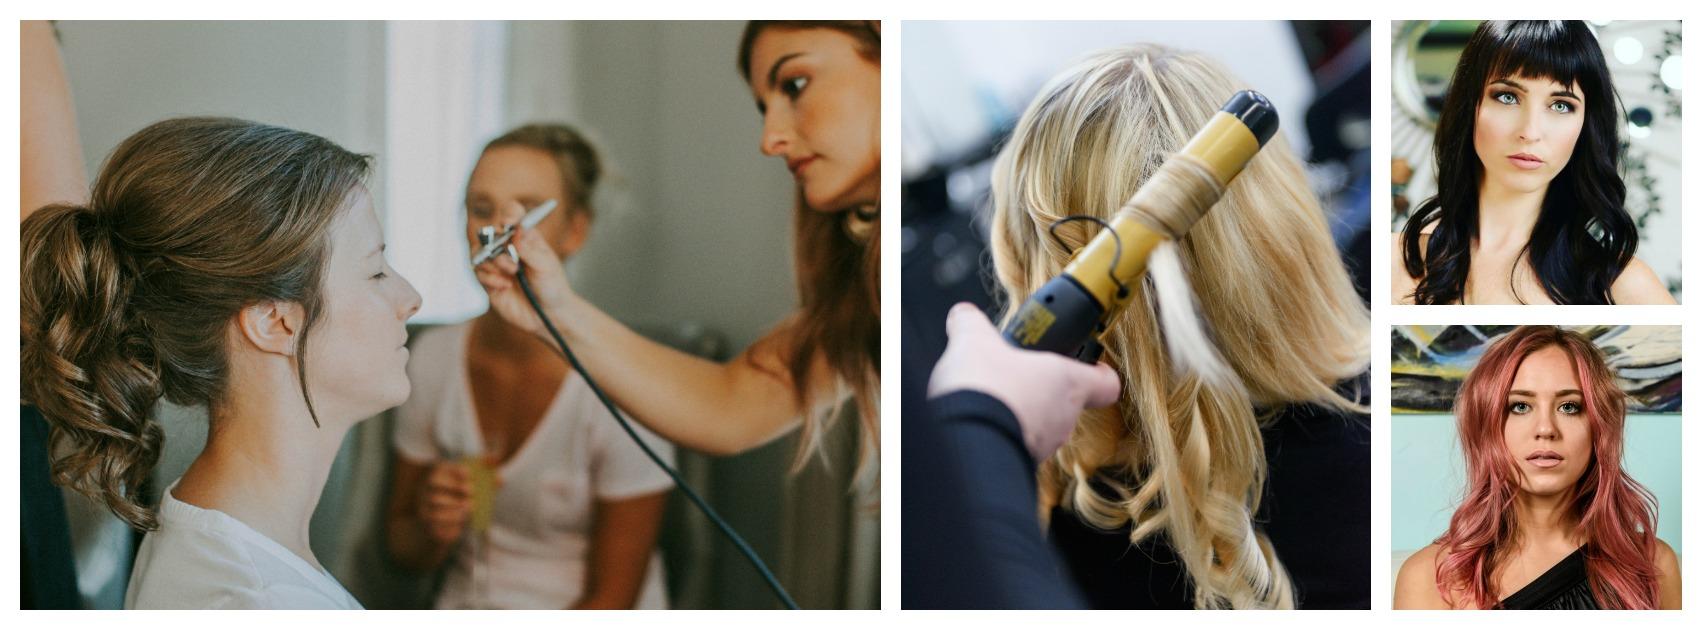 Studio 39 Salon reviews | Hair Extensions at 614 W 26th St - Kansas City MO